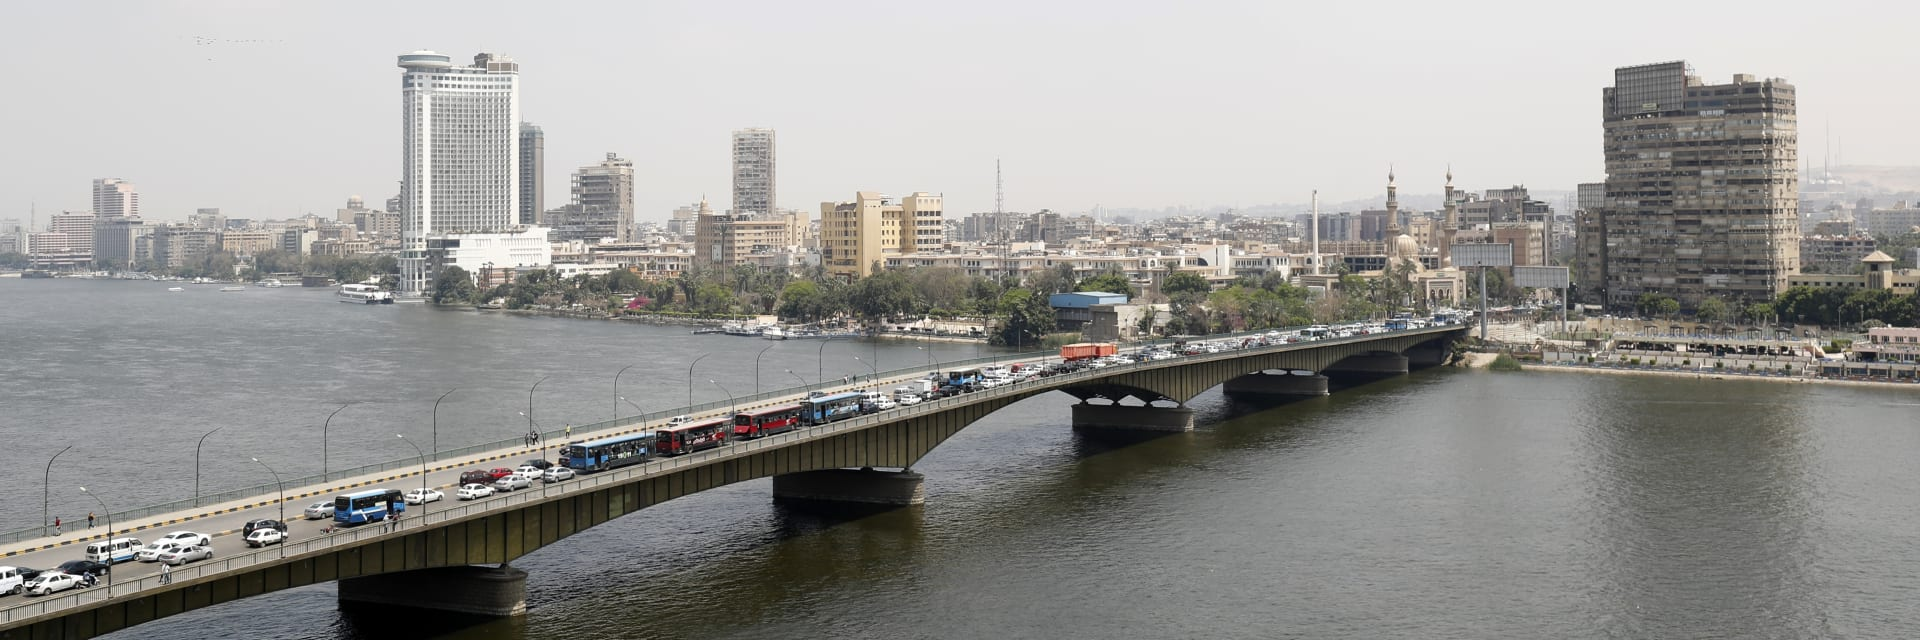 صورة عامة للقاهرة